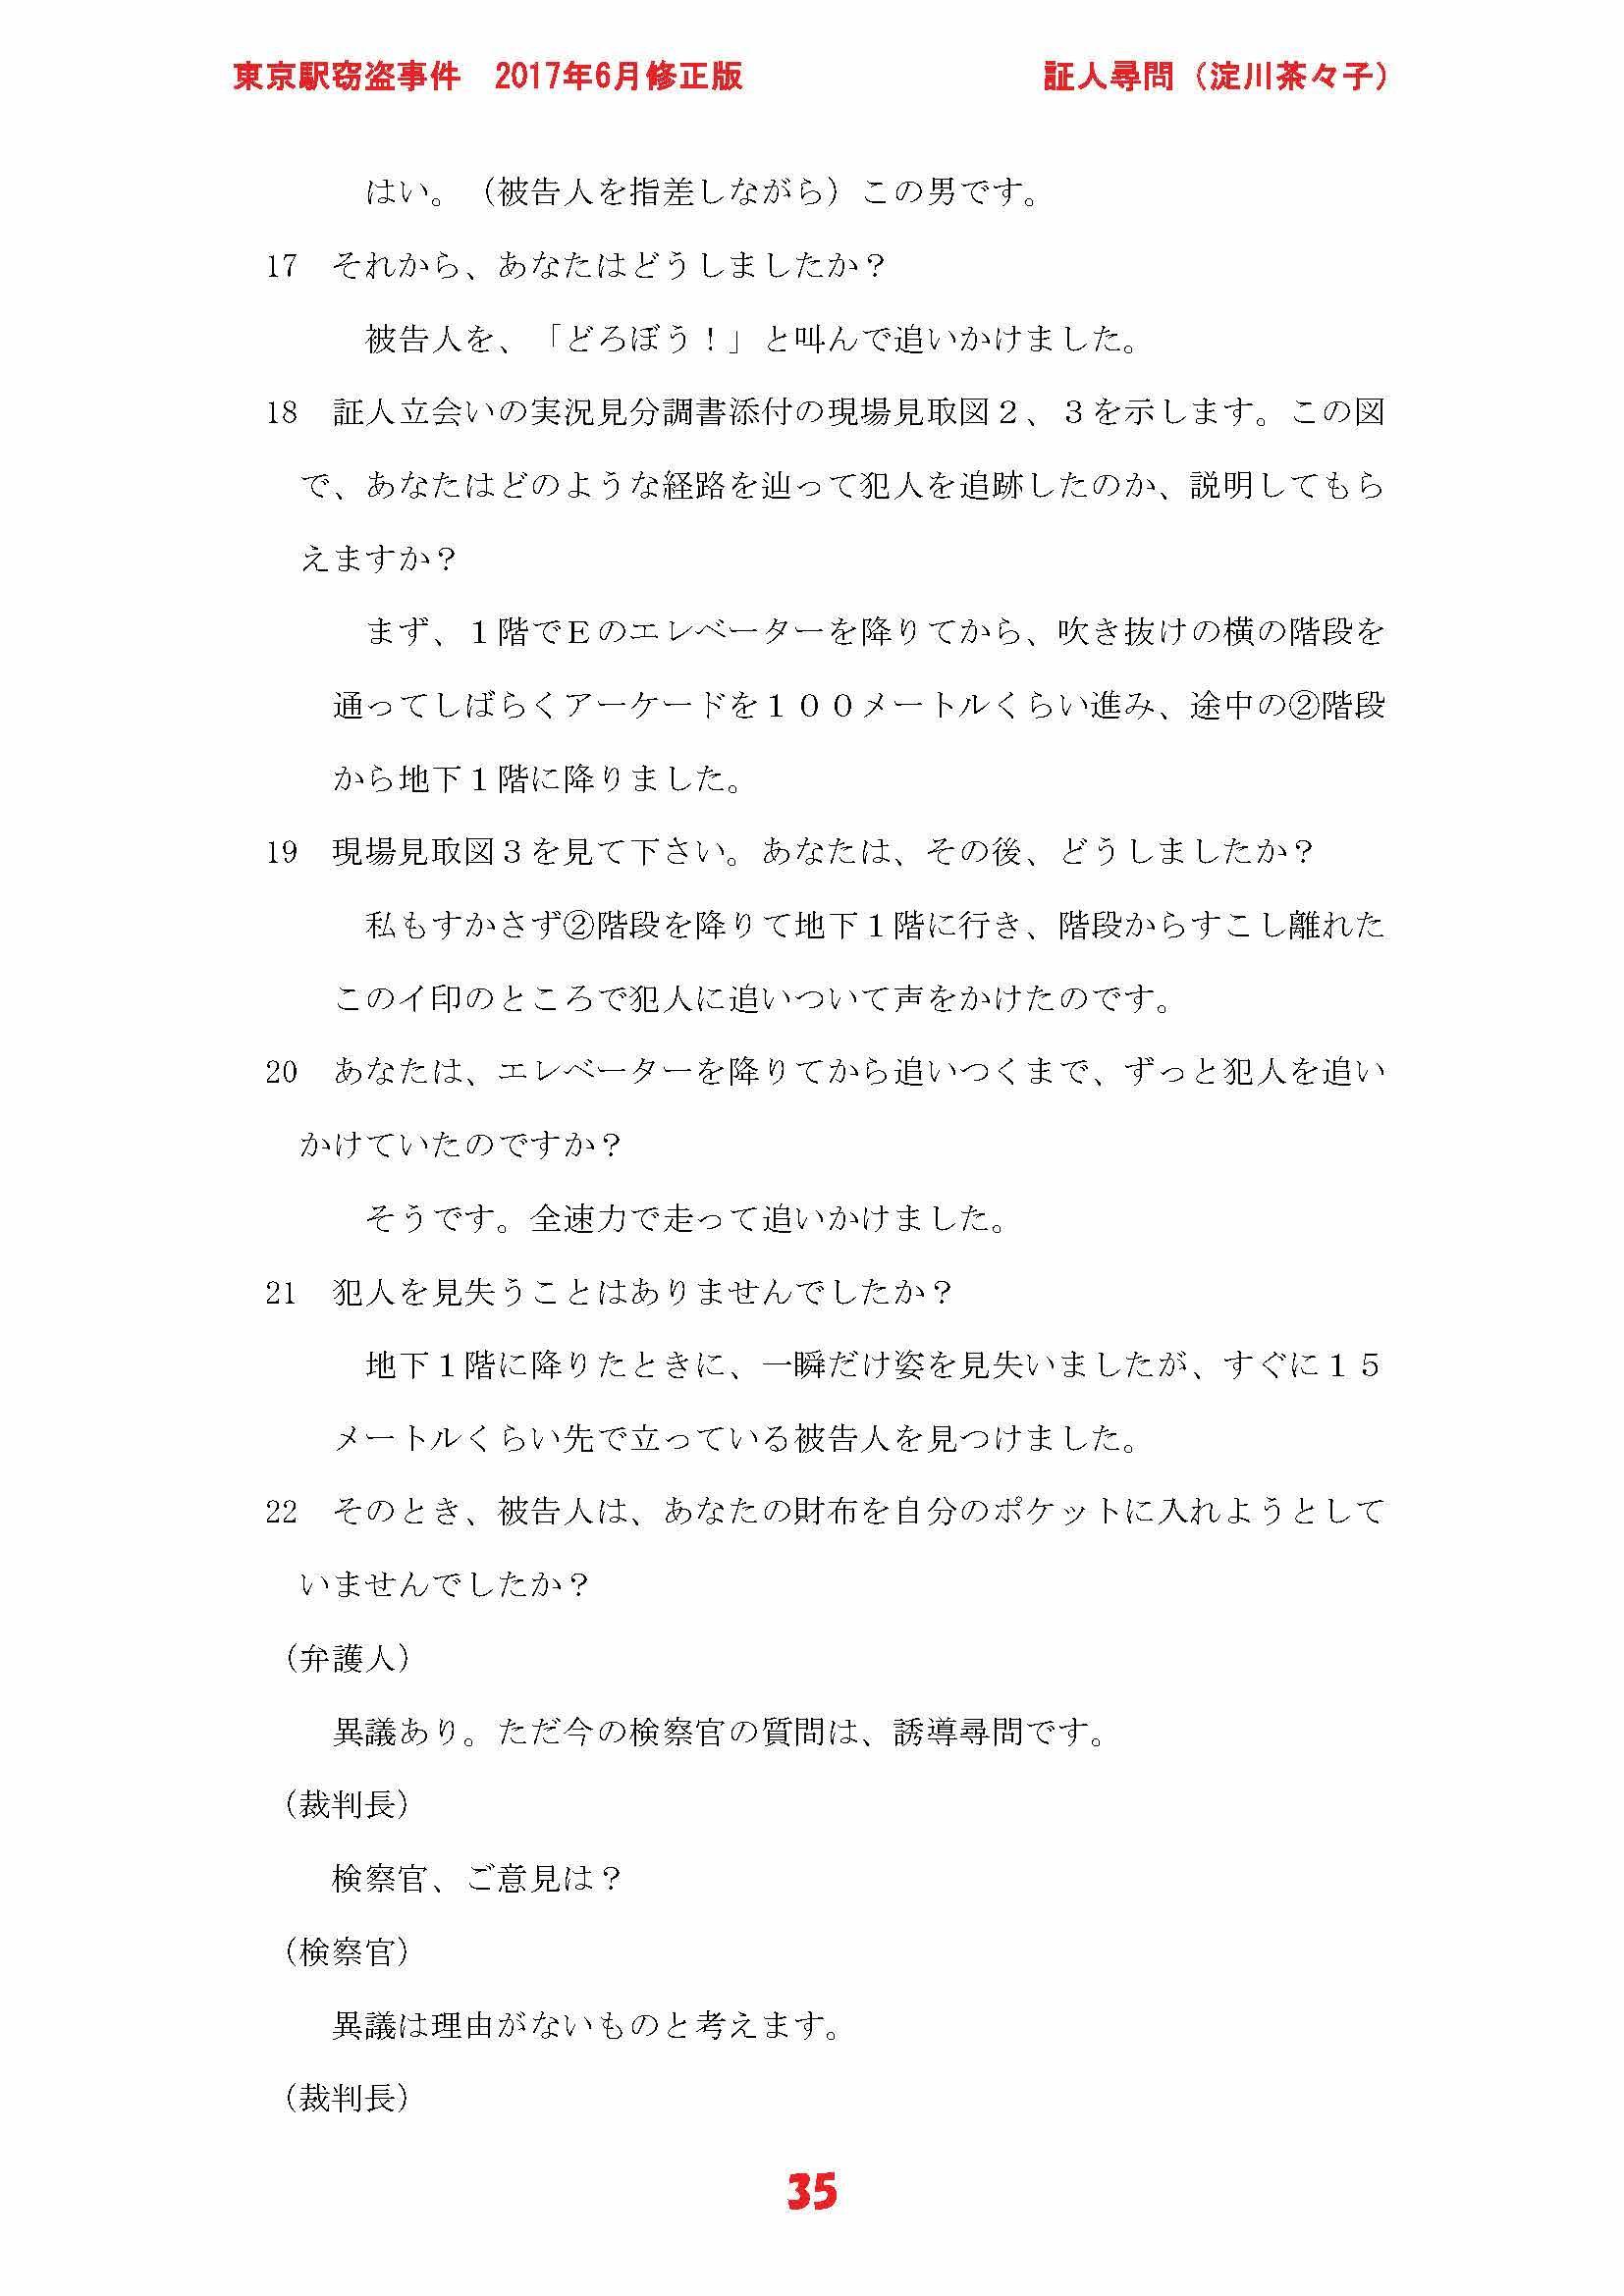 tokyoeki5.jpg